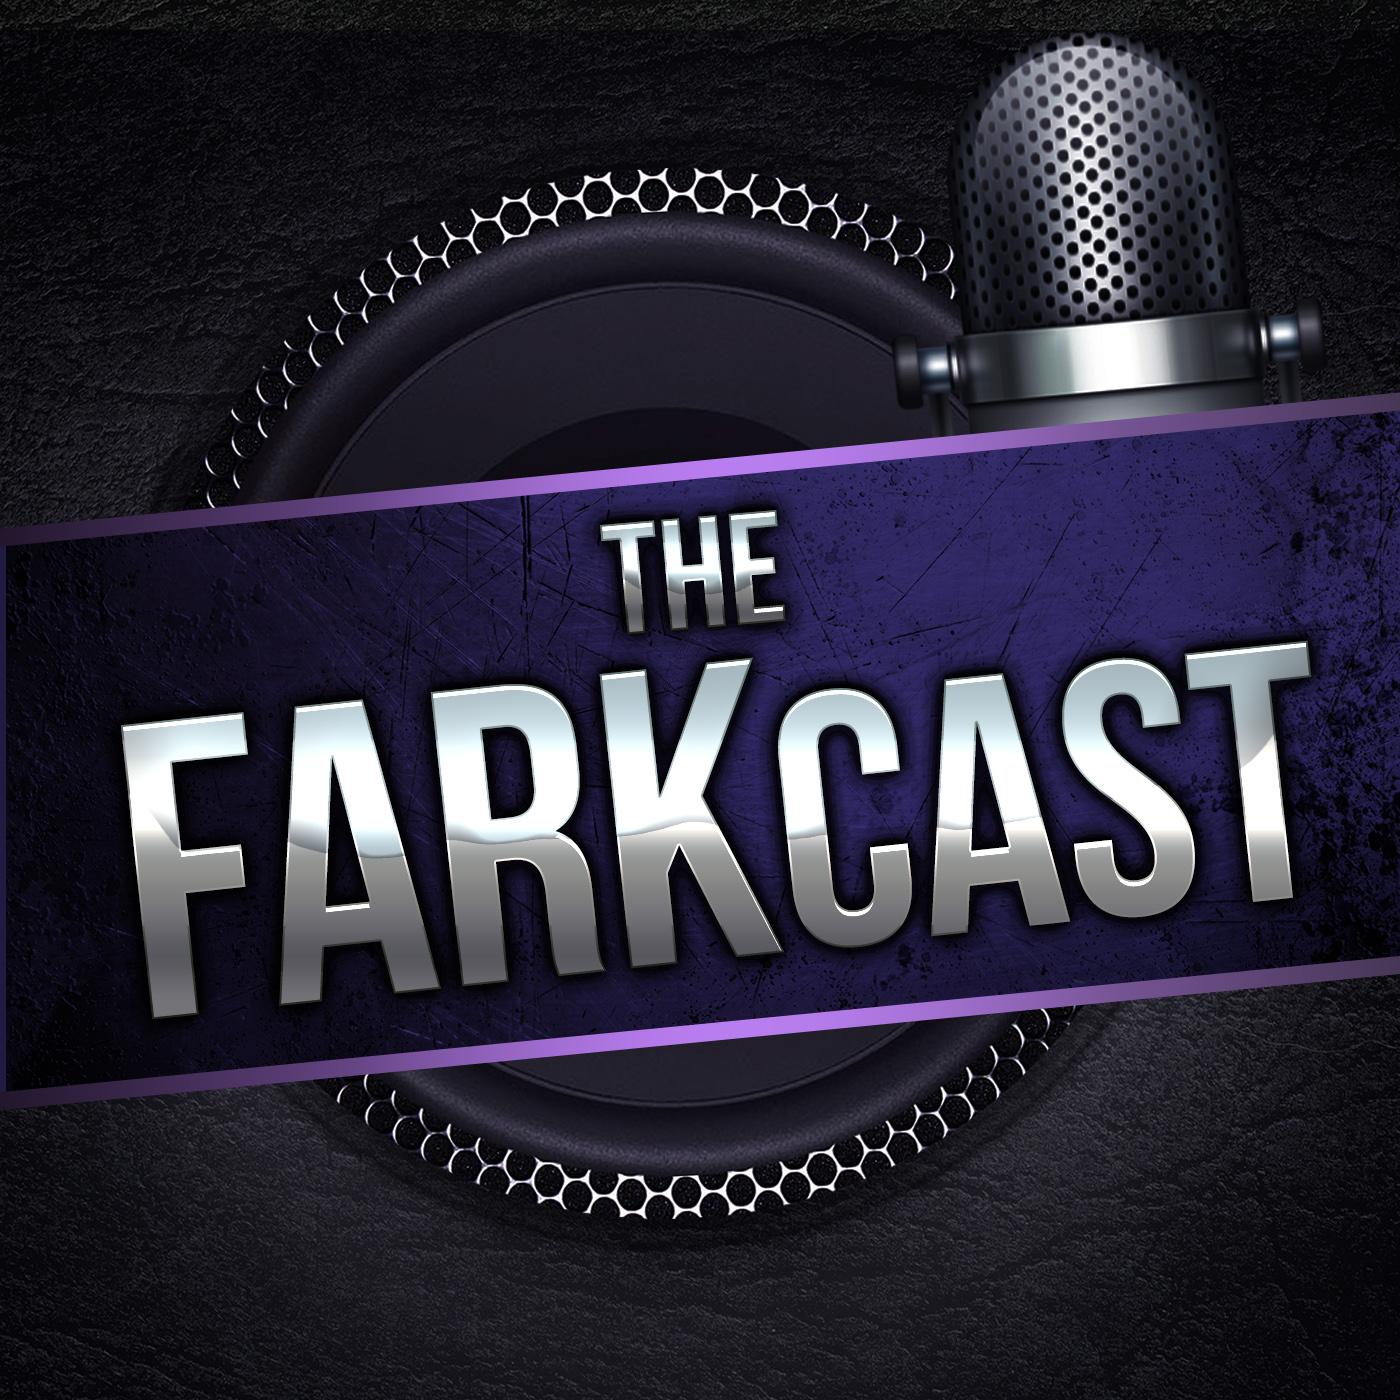 The FARKcast Podcast logo